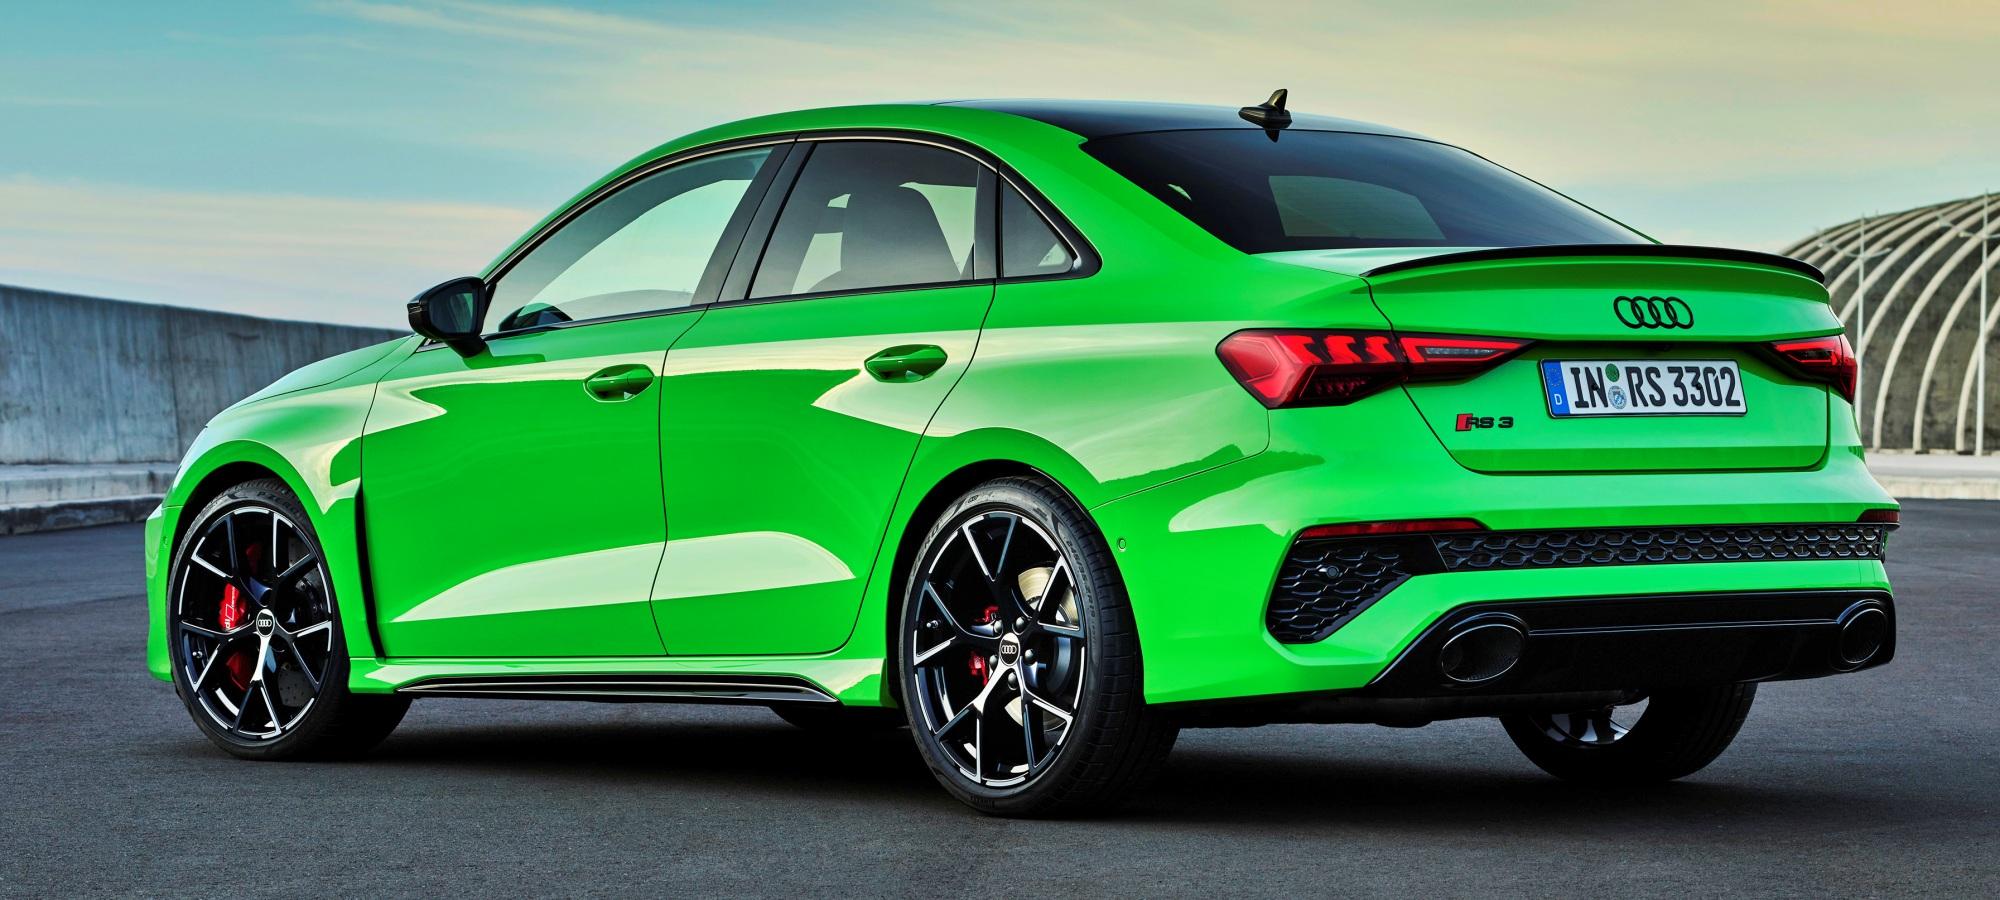 Audi RS 3 desan tył